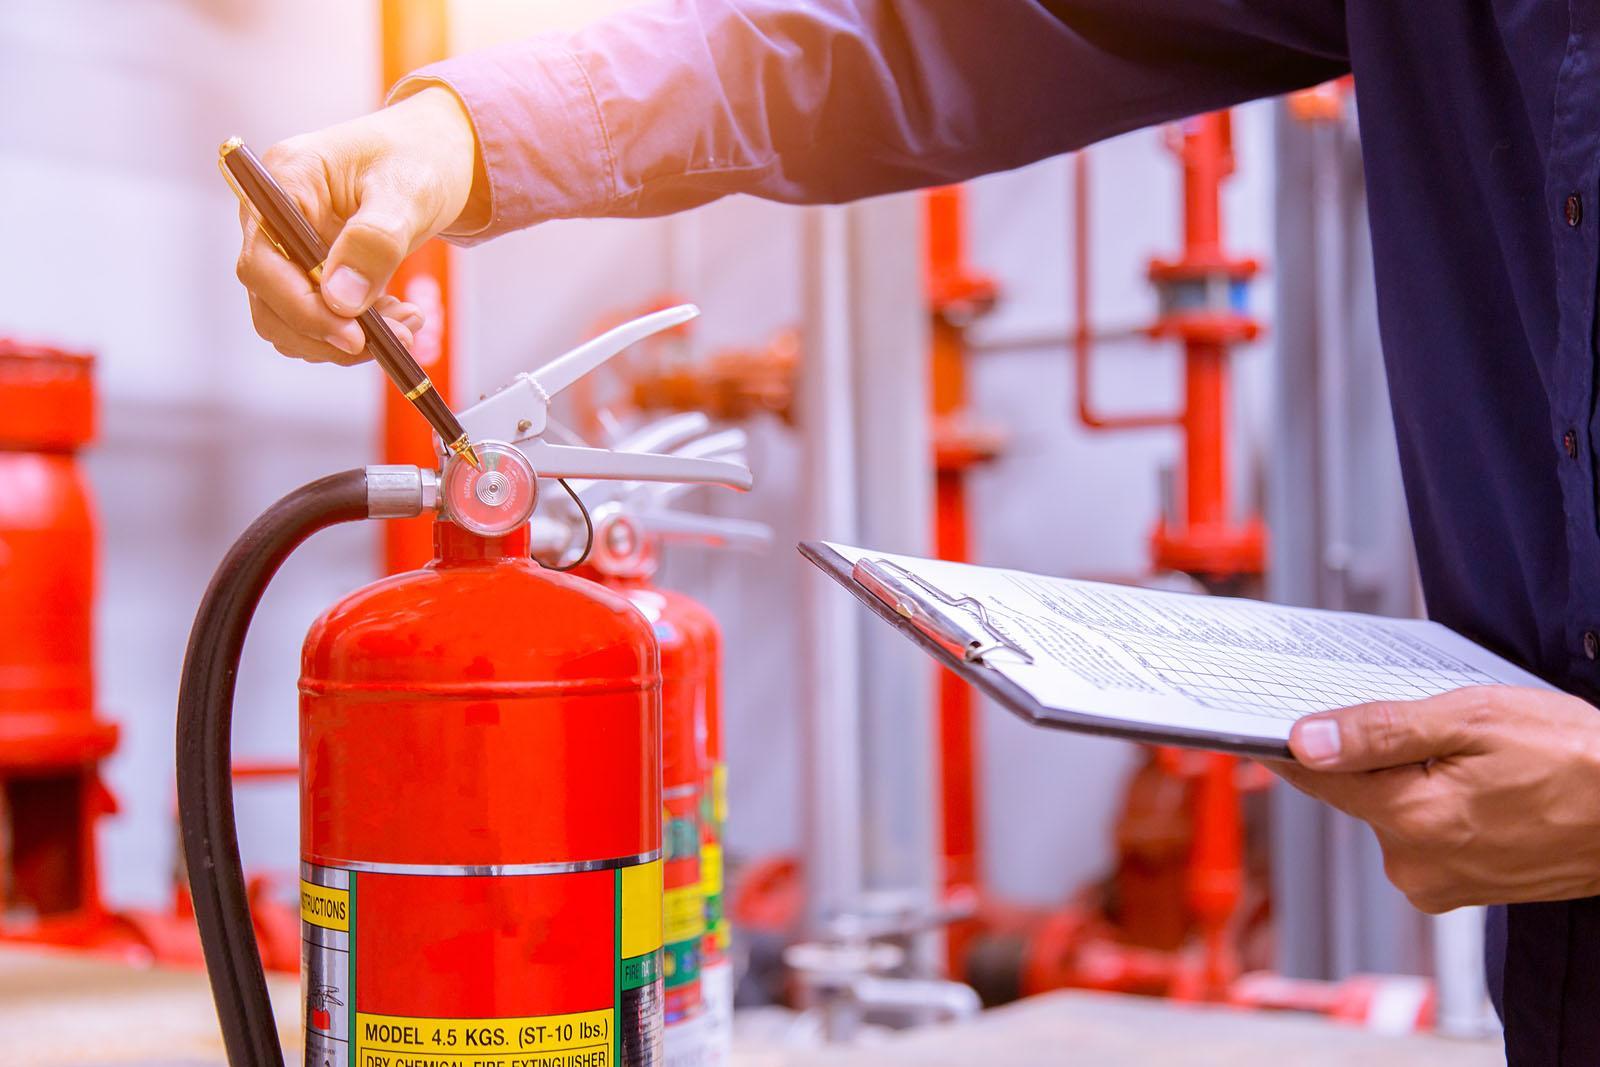 МЧС России согласовало программы по пожарно-техническому минимуму АРИТ